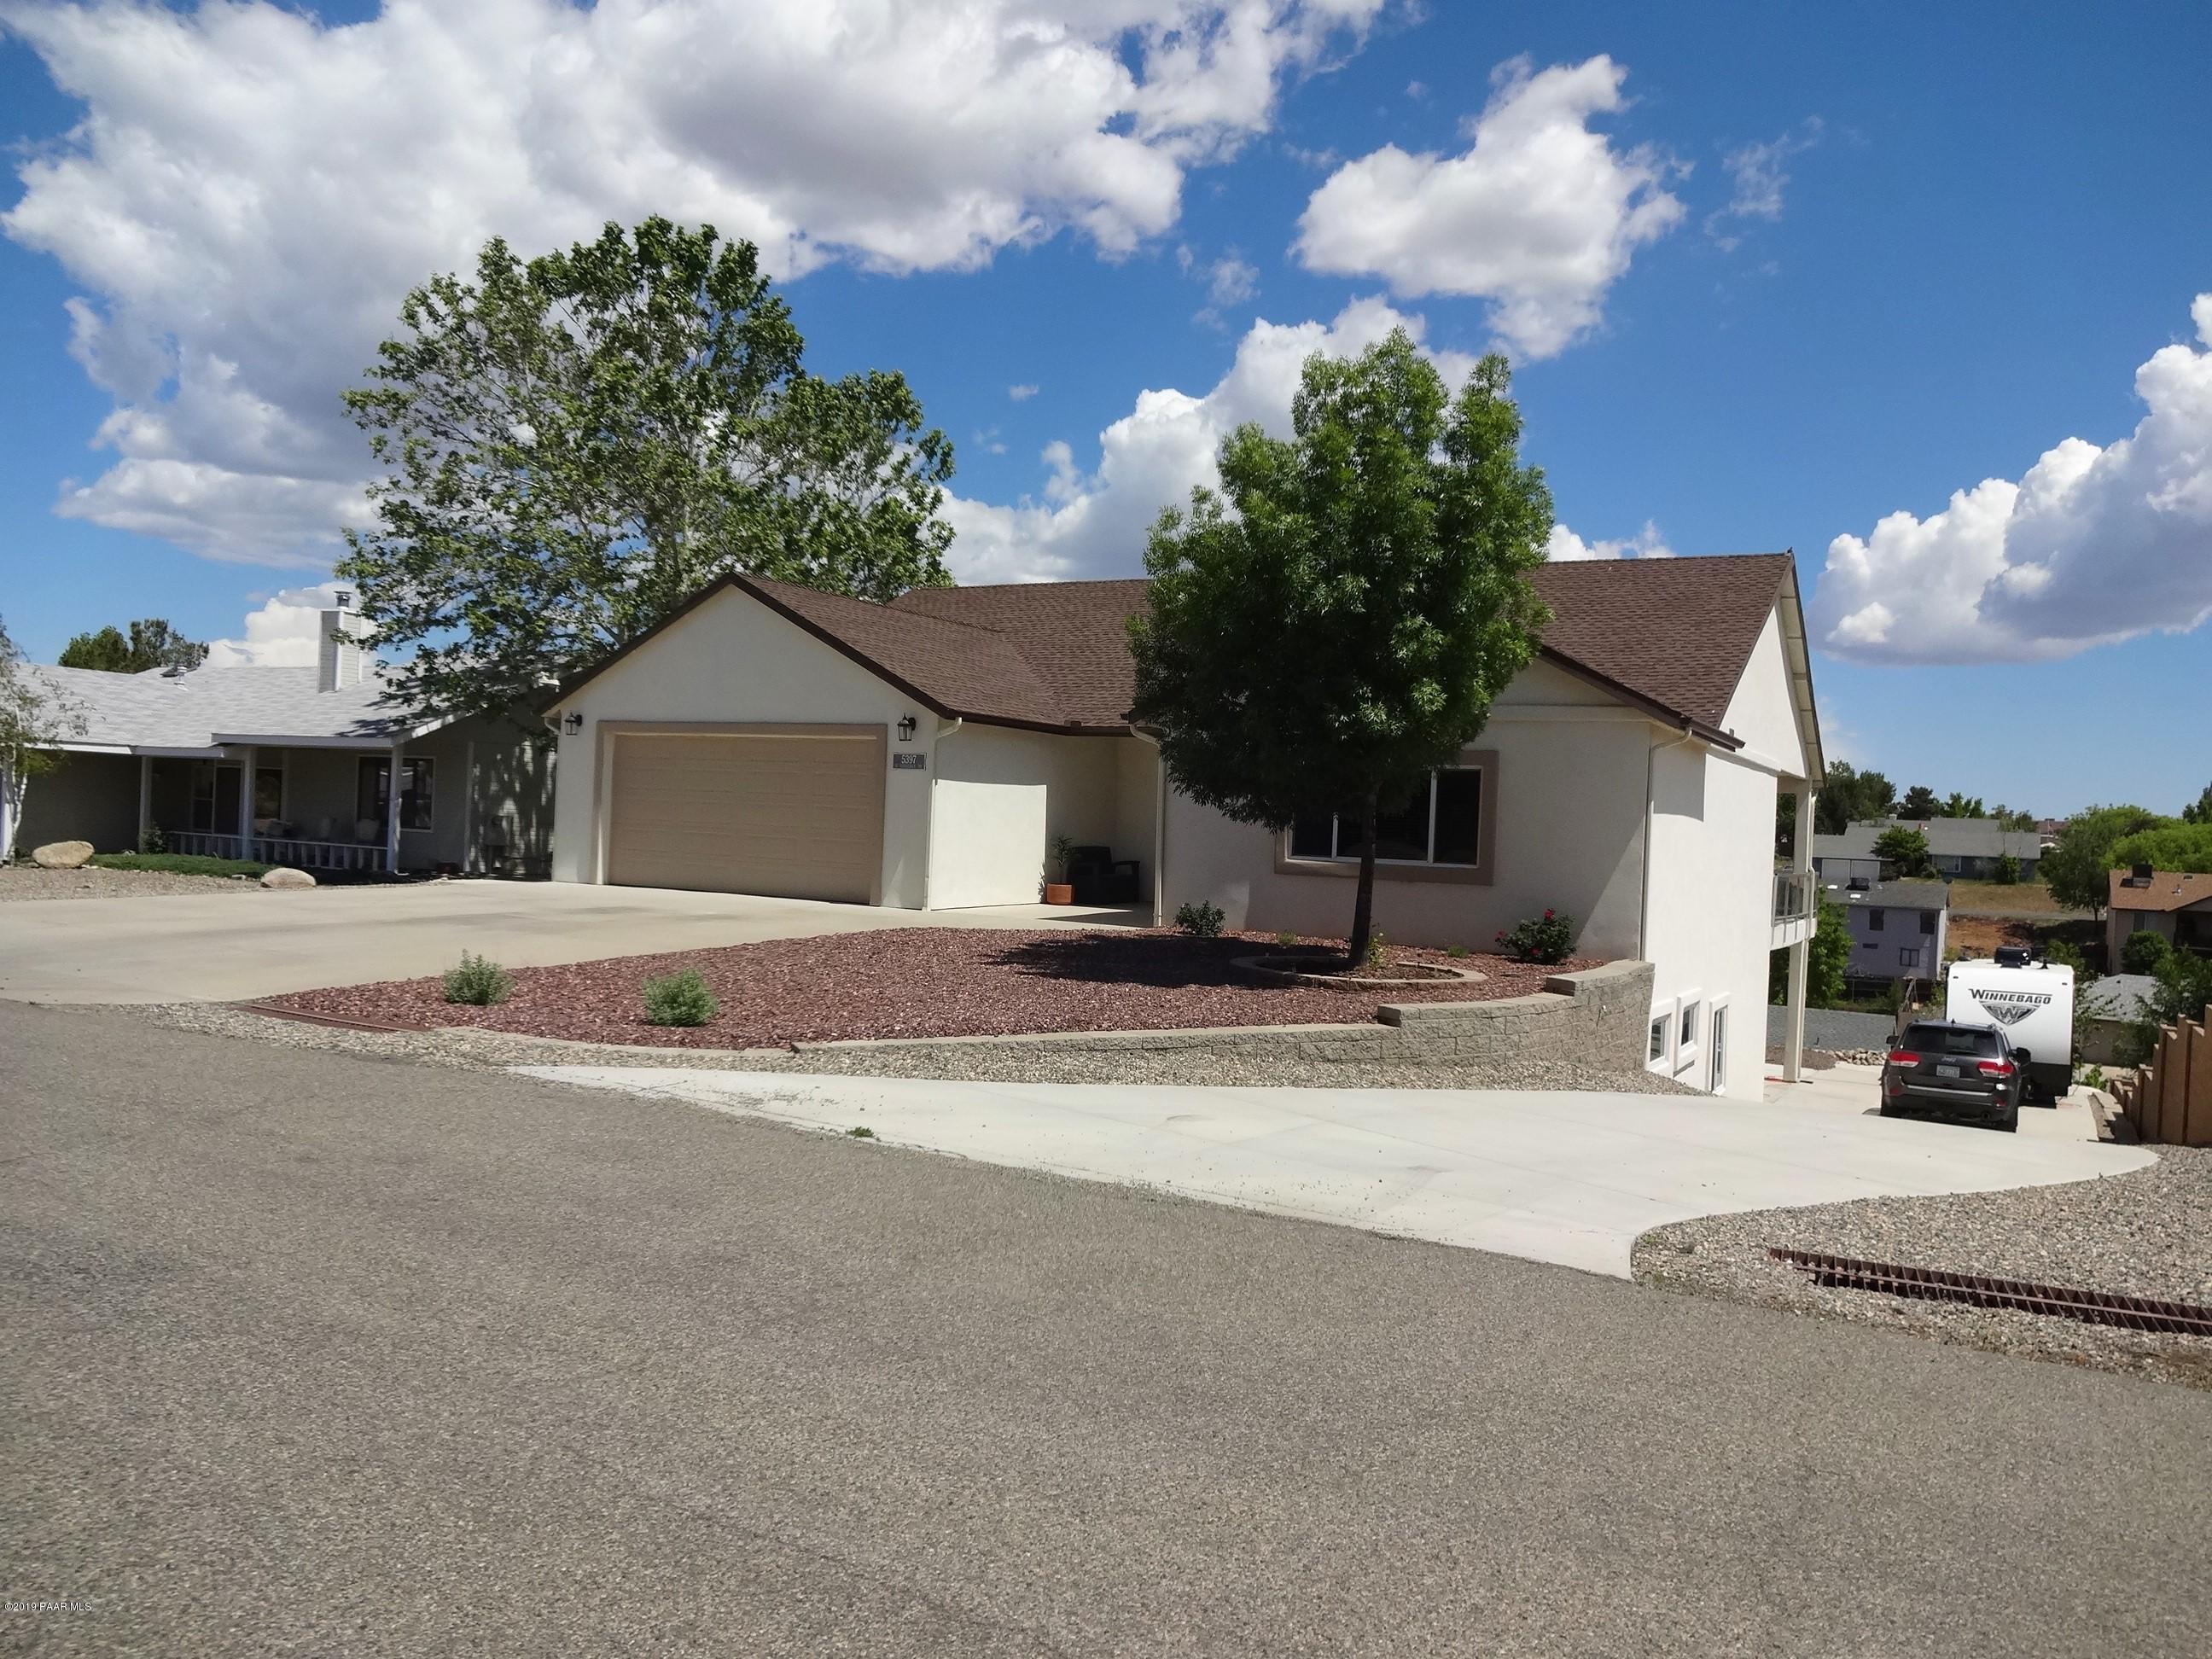 5397 N Saddleback Drive, Prescott Valley in Yavapai County, AZ 86314 Home for Sale